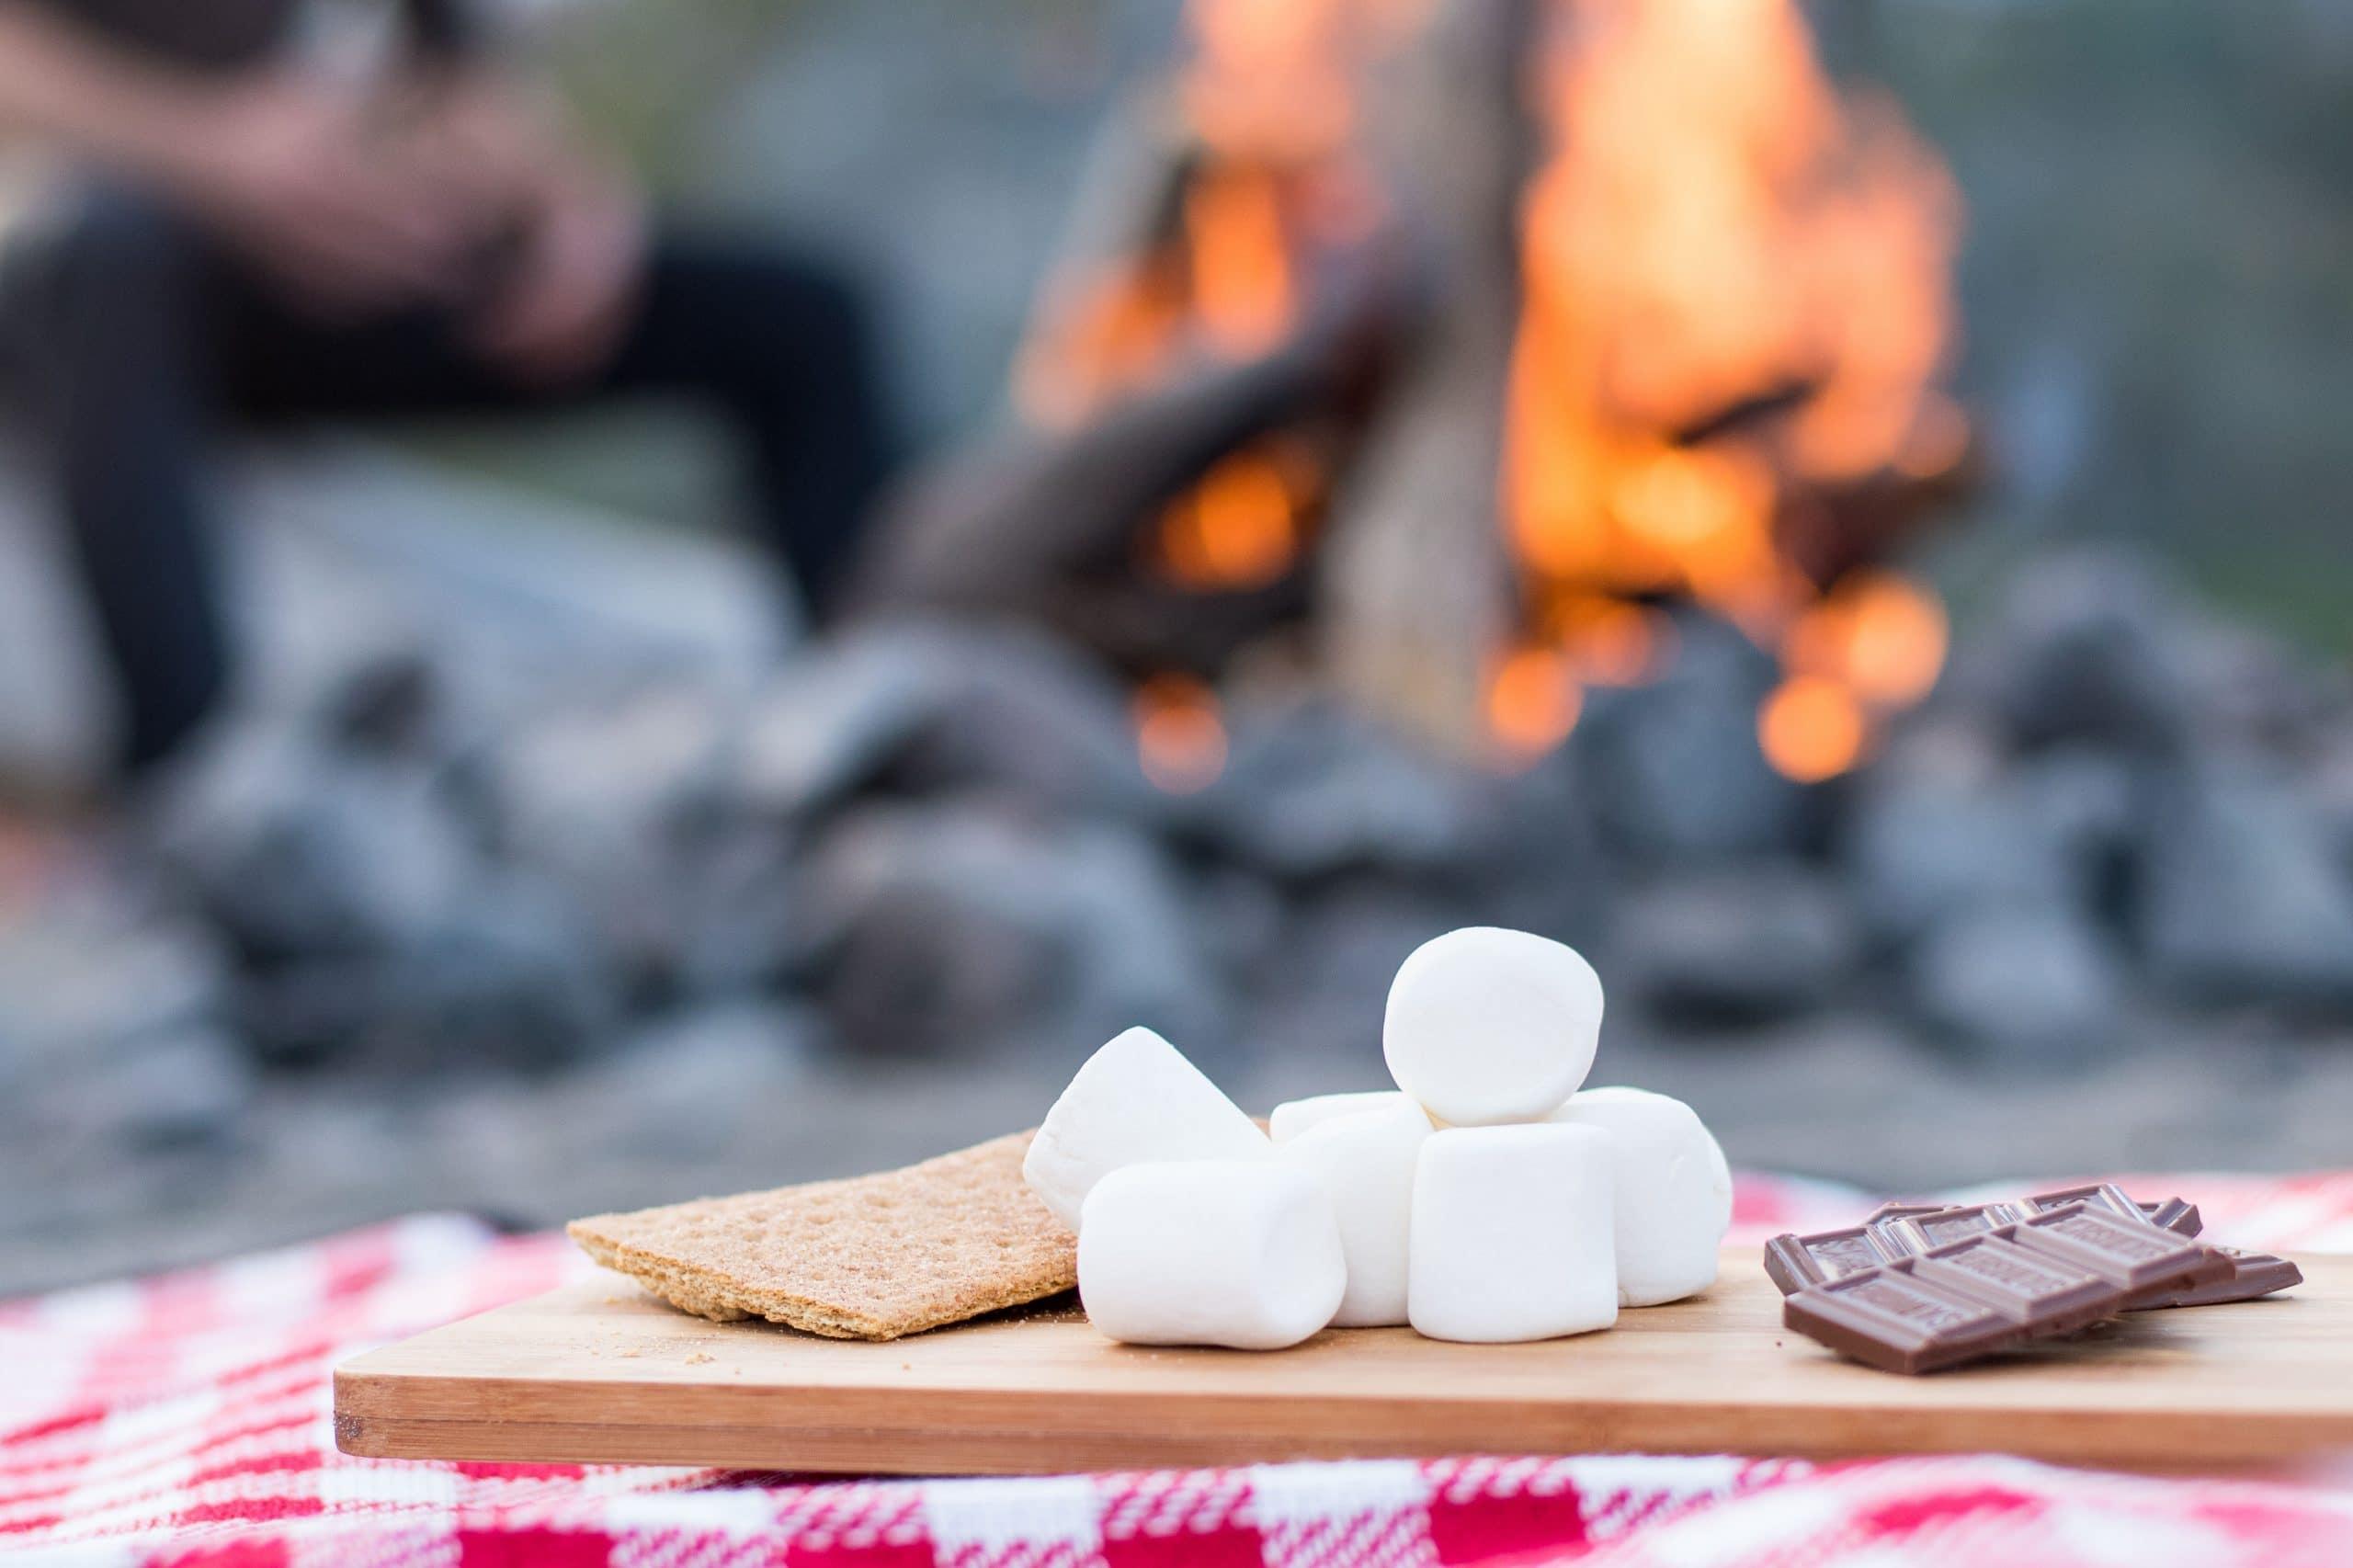 jet puffed gluten-free marshmallows